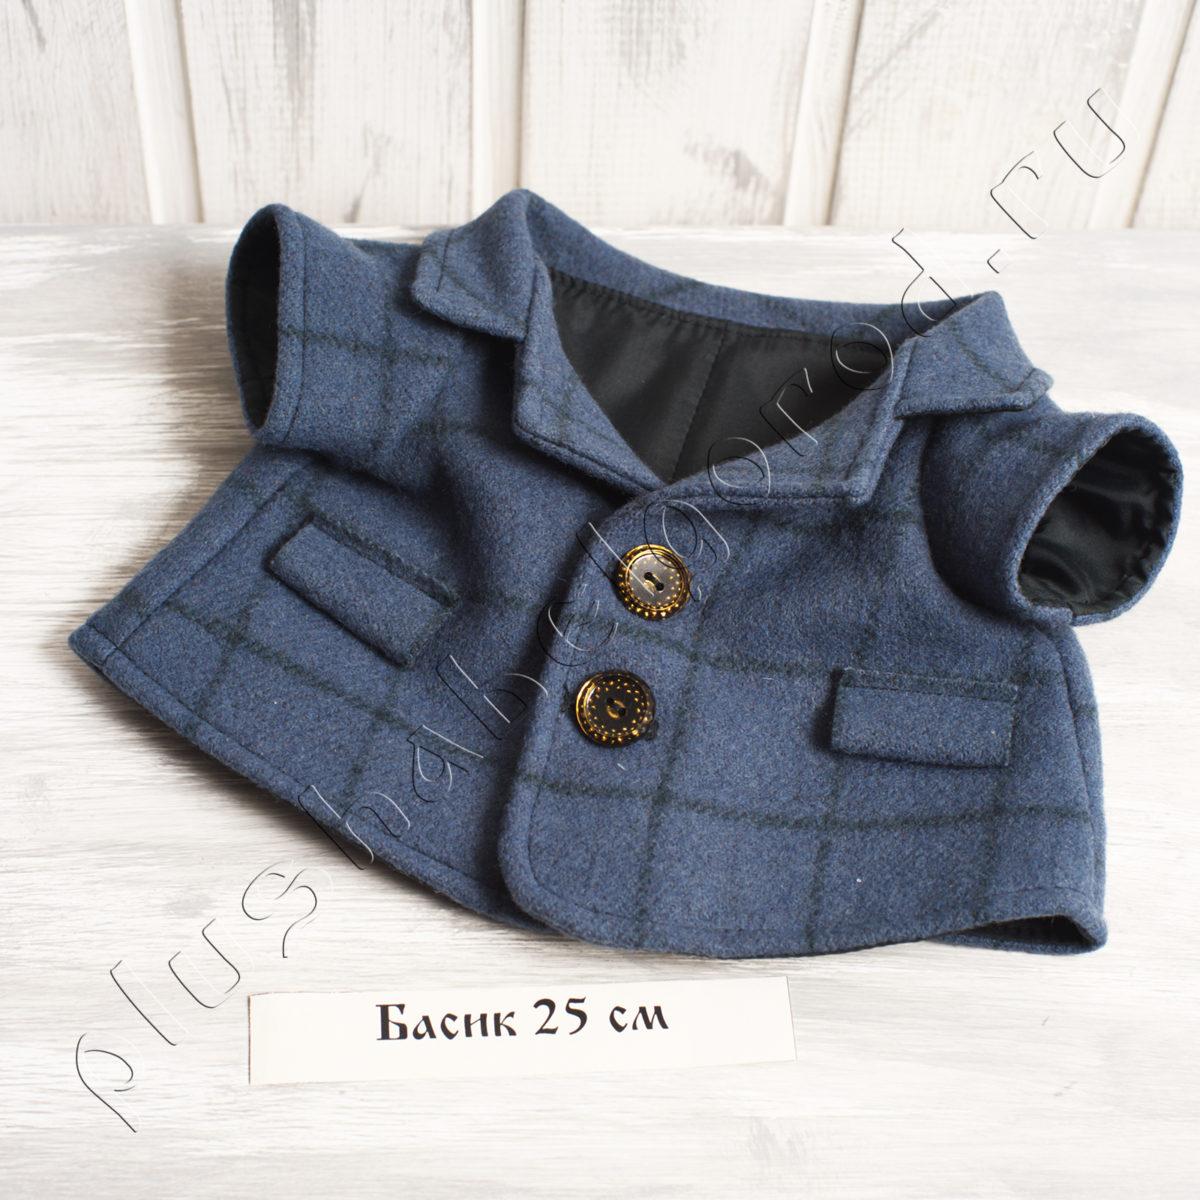 Пиджак на подкладке, очень классный, для модных Басиков (25)